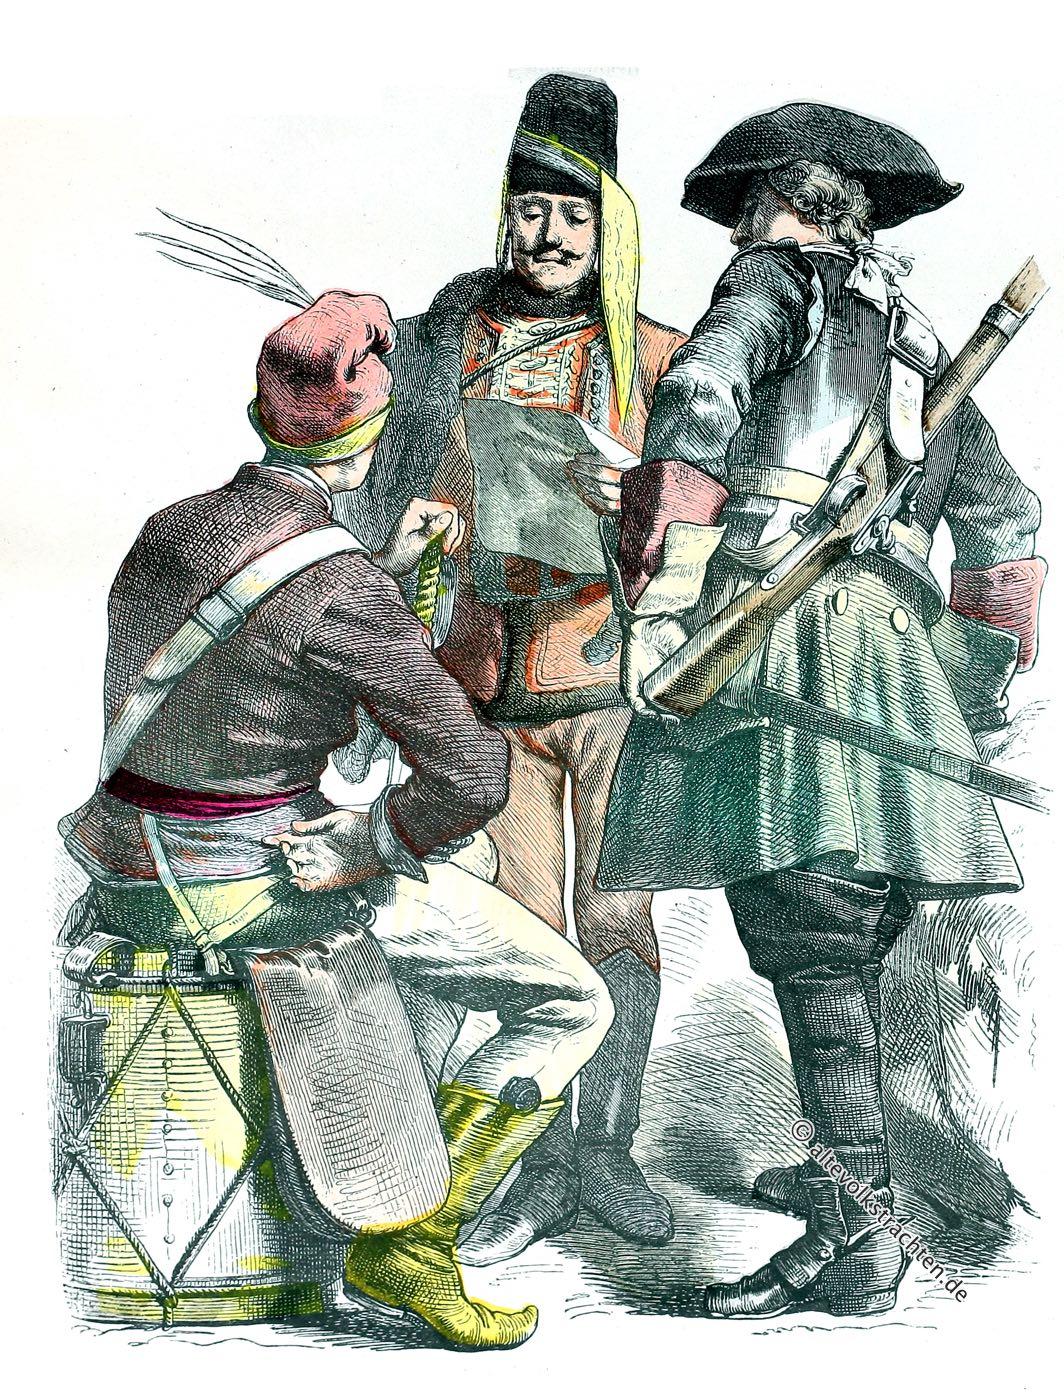 Münchener Bilderbogen, Österreich, Kavallerie, Uniformen, Militär, Barock, Kostümgeschichte